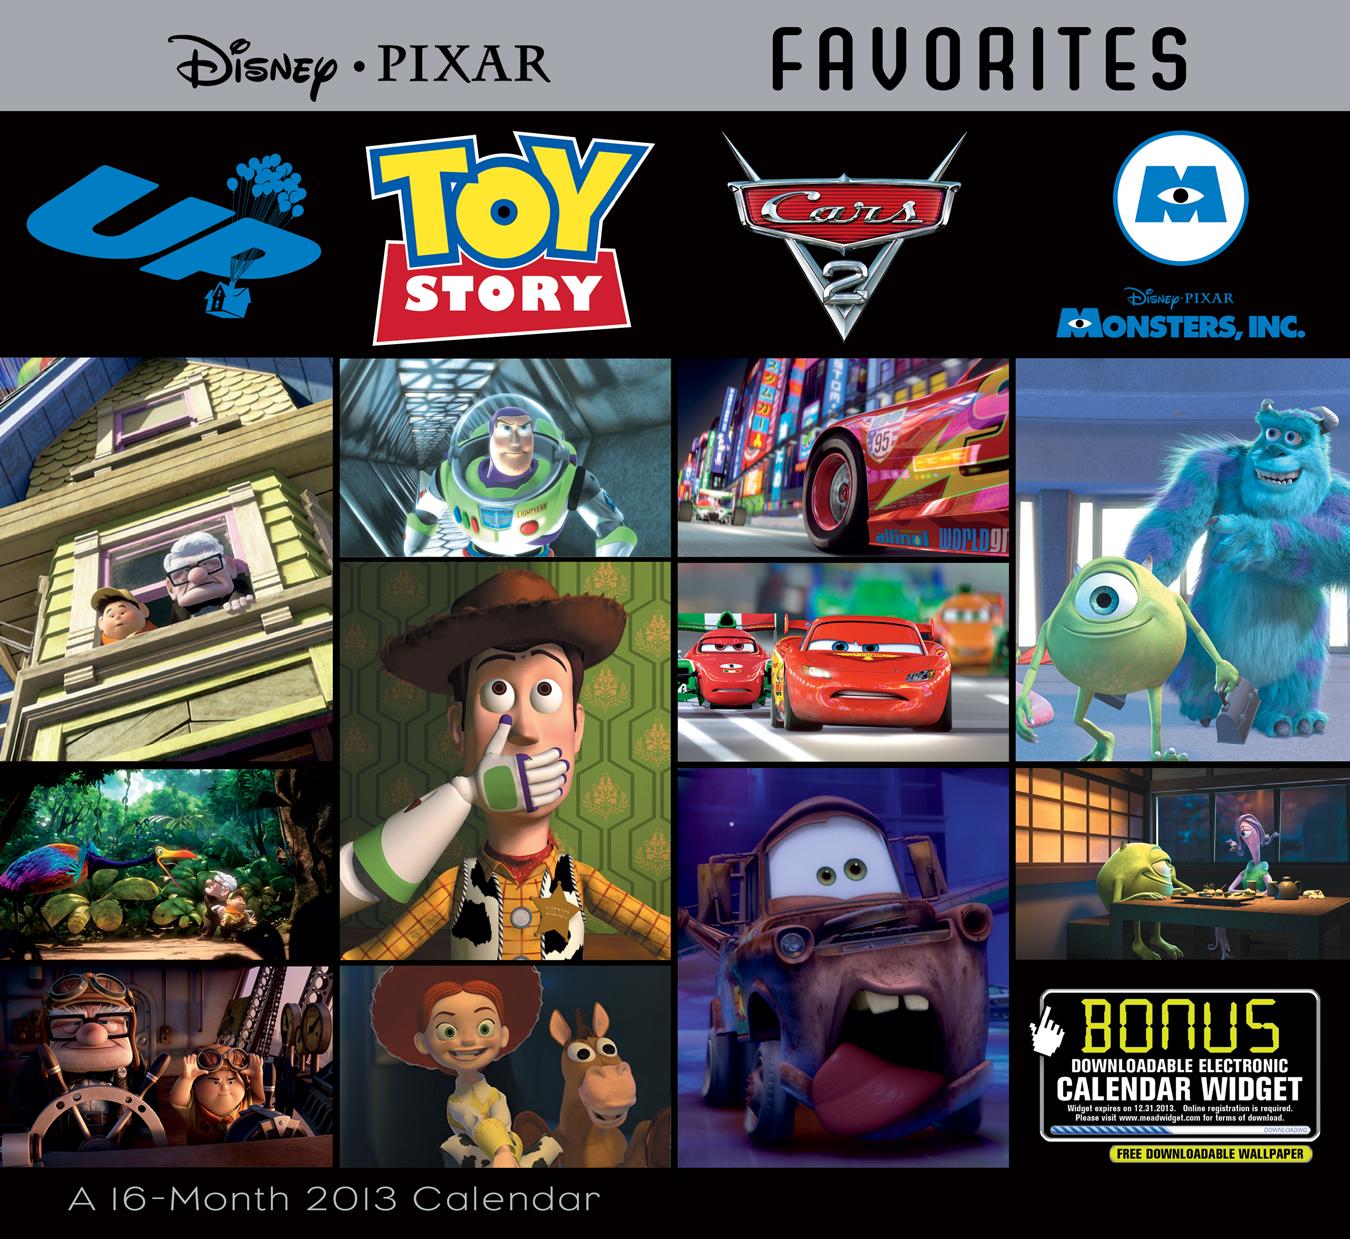 2013 Disney Pixar cover.jpg